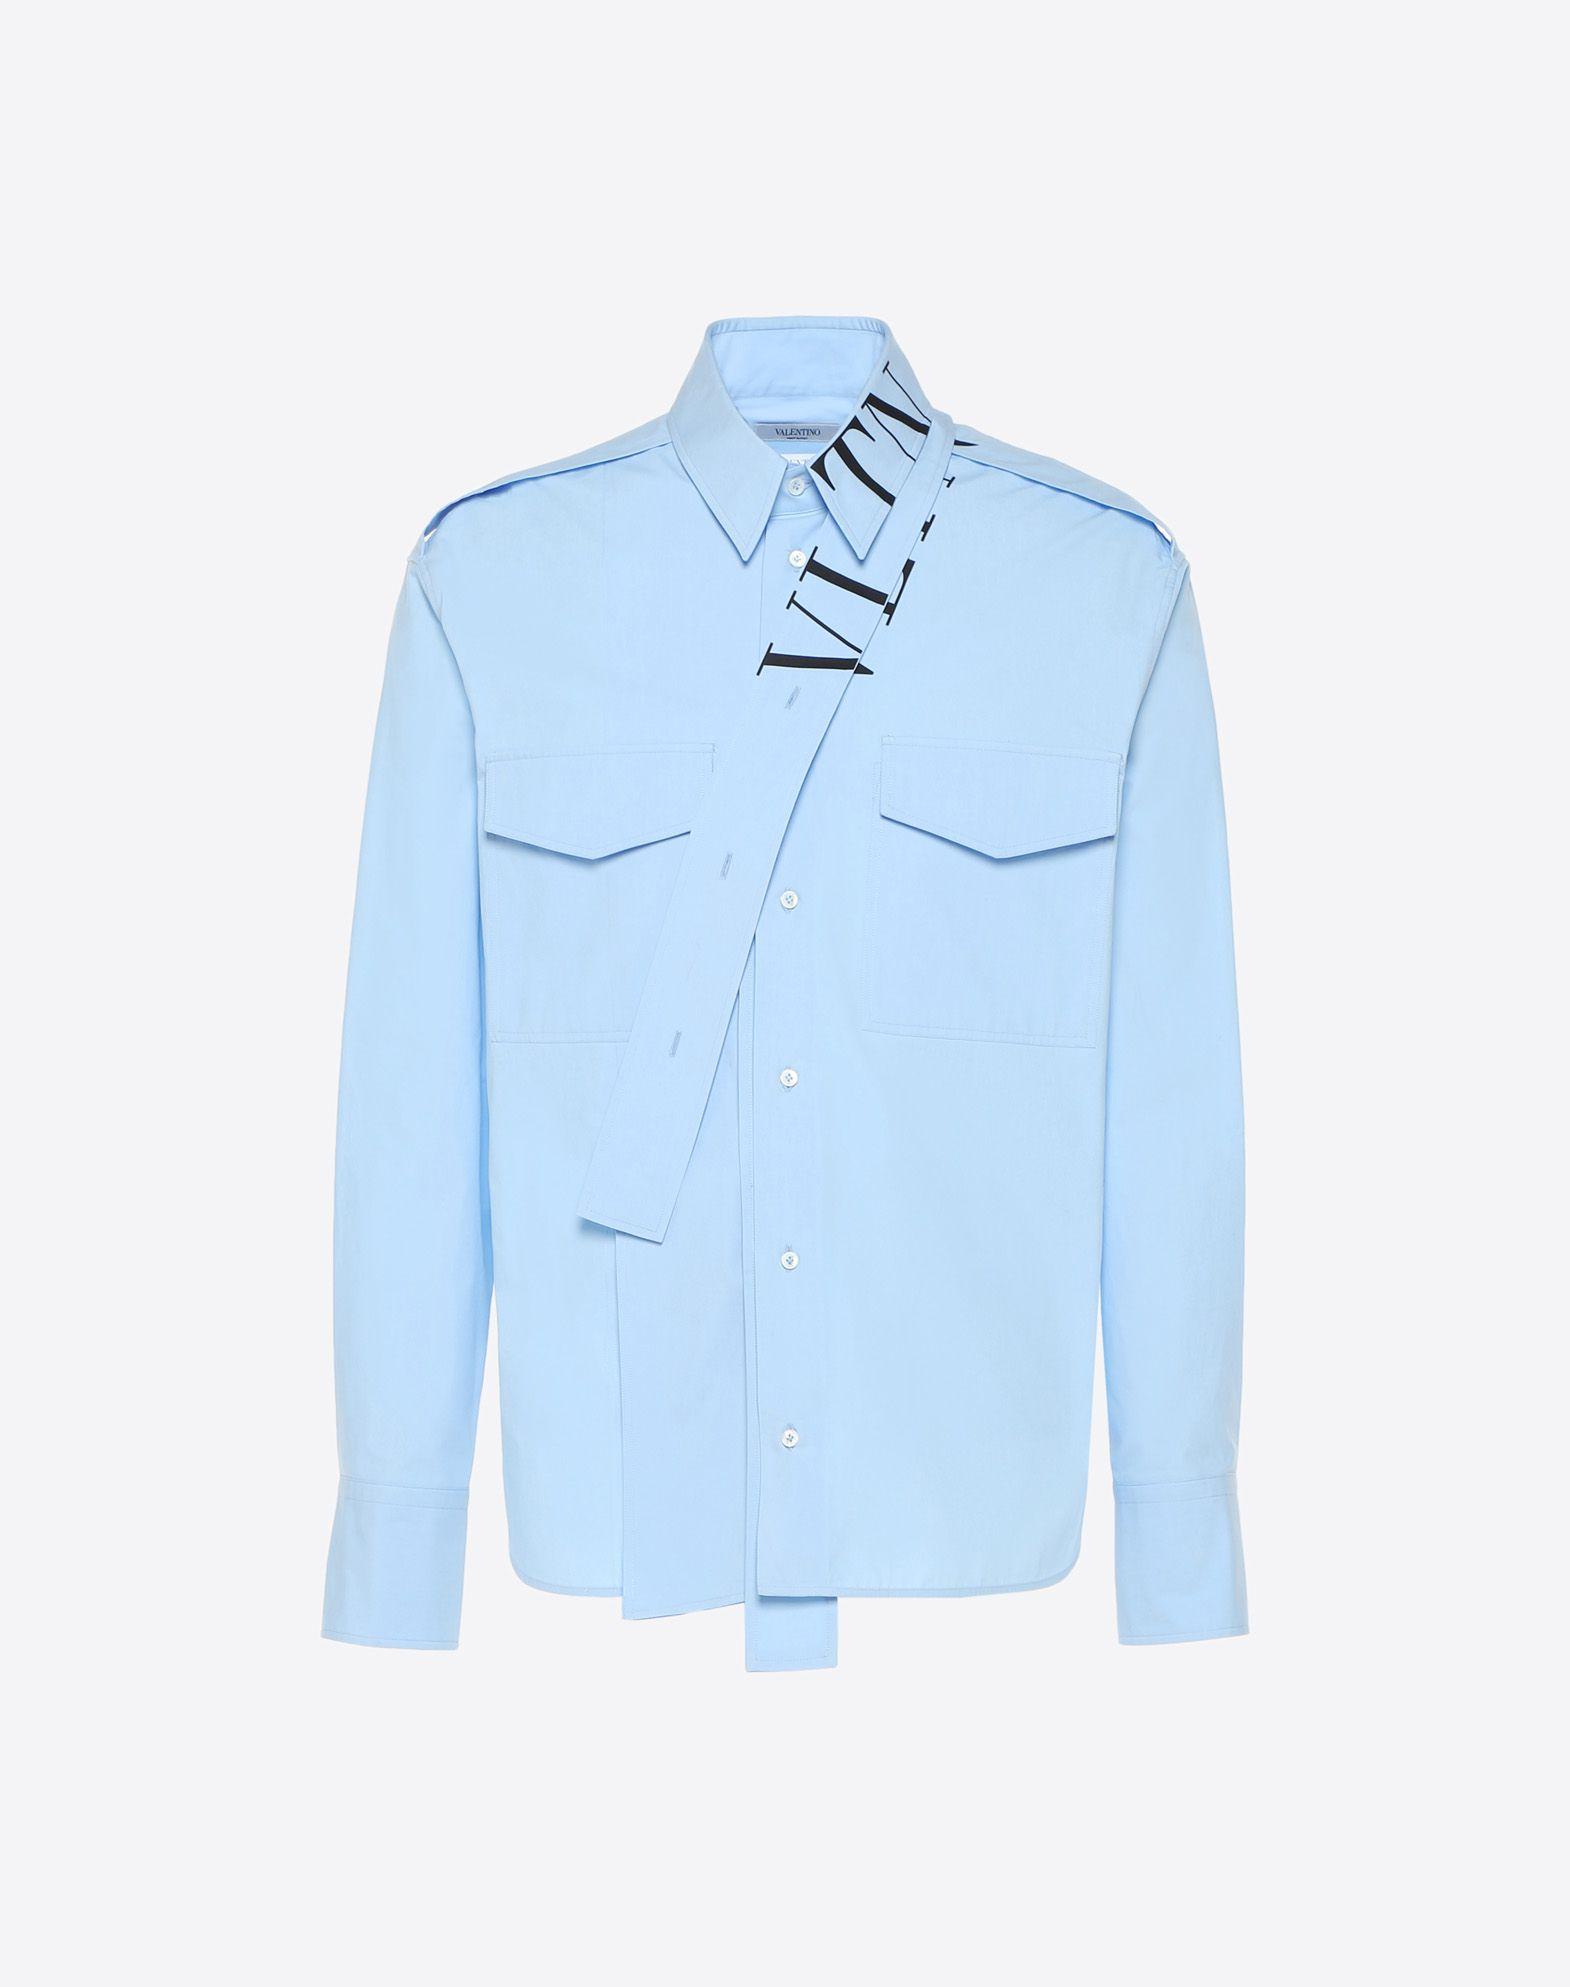 VALENTINO UOMO Camisa VLTN con fular en el cuello Camisa U f